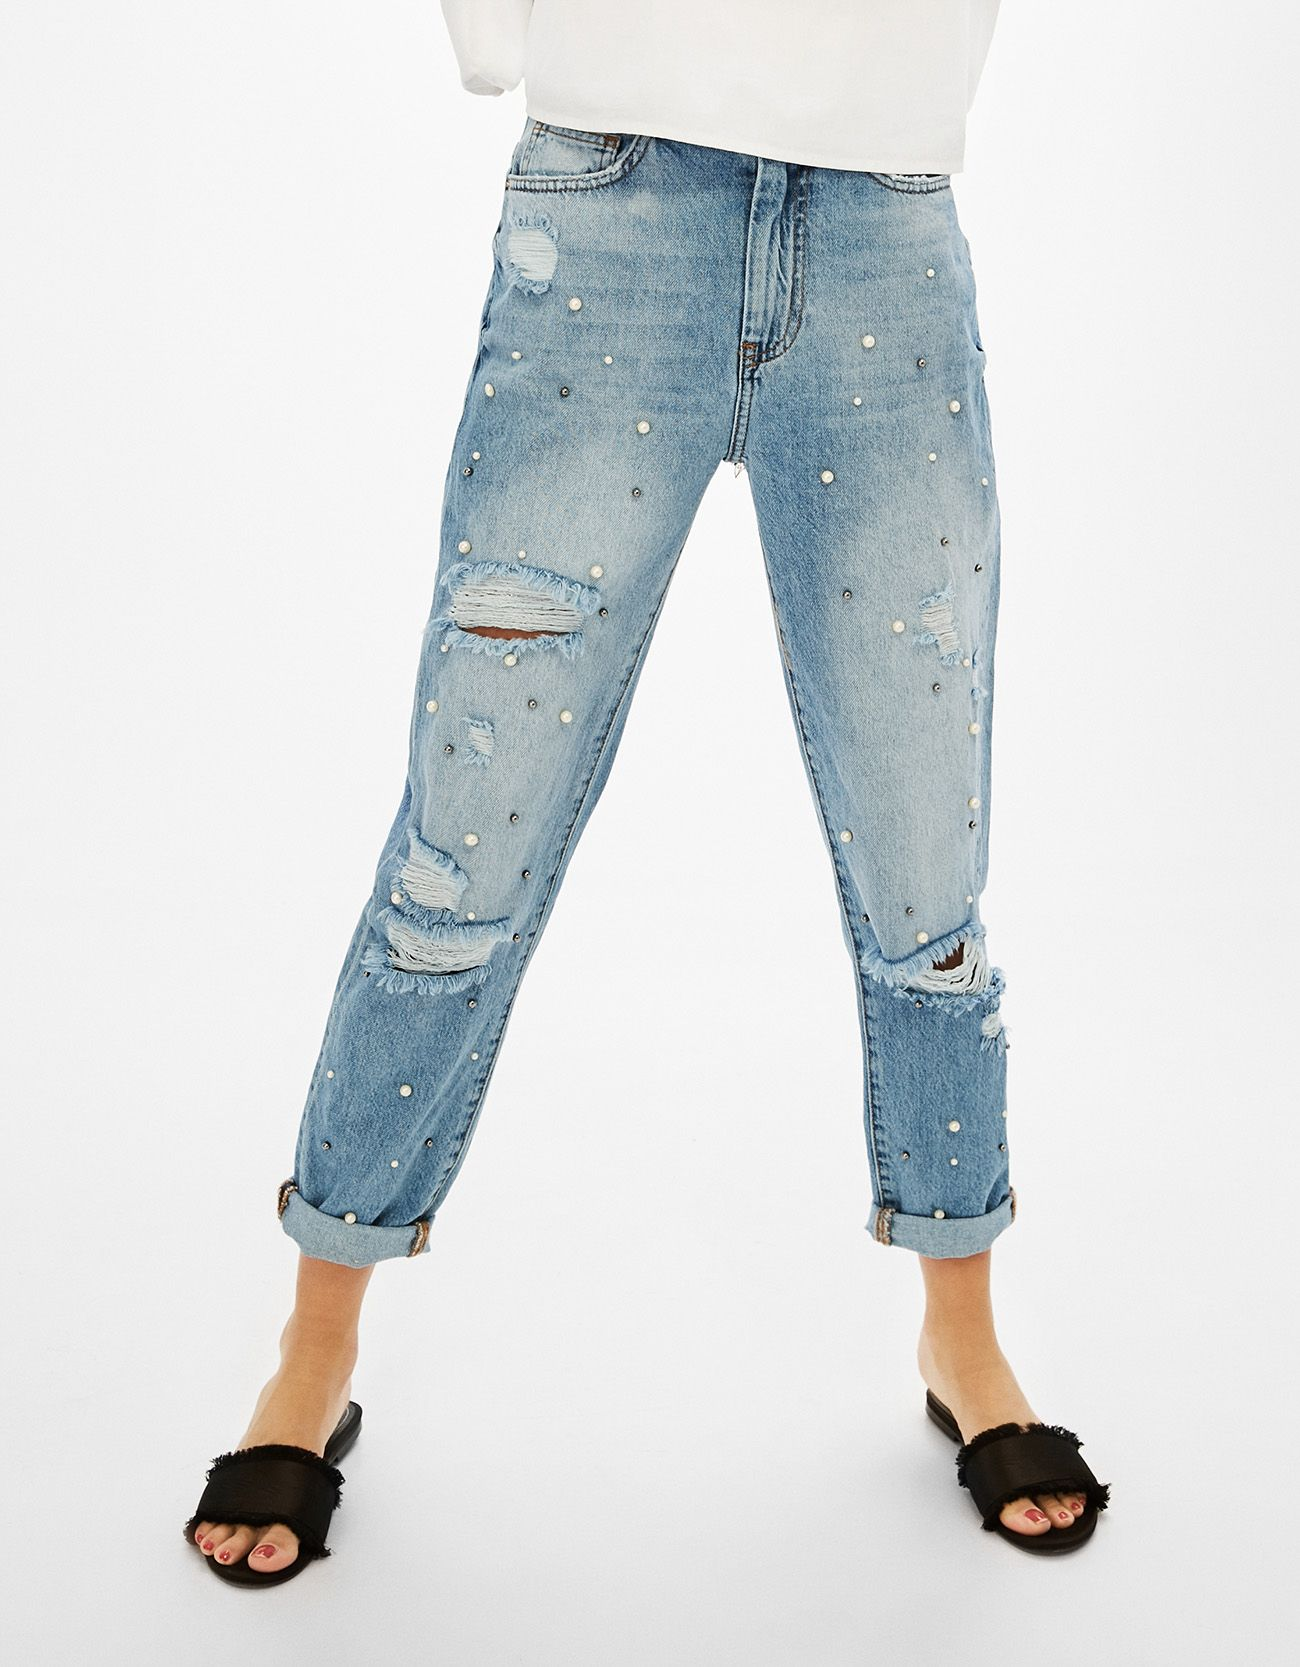 6e67860037b59 Jeans Mon Fit perlas y rotos. Descubre ésta y muchas otras prendas en  Bershka con nuevos productos cada semana